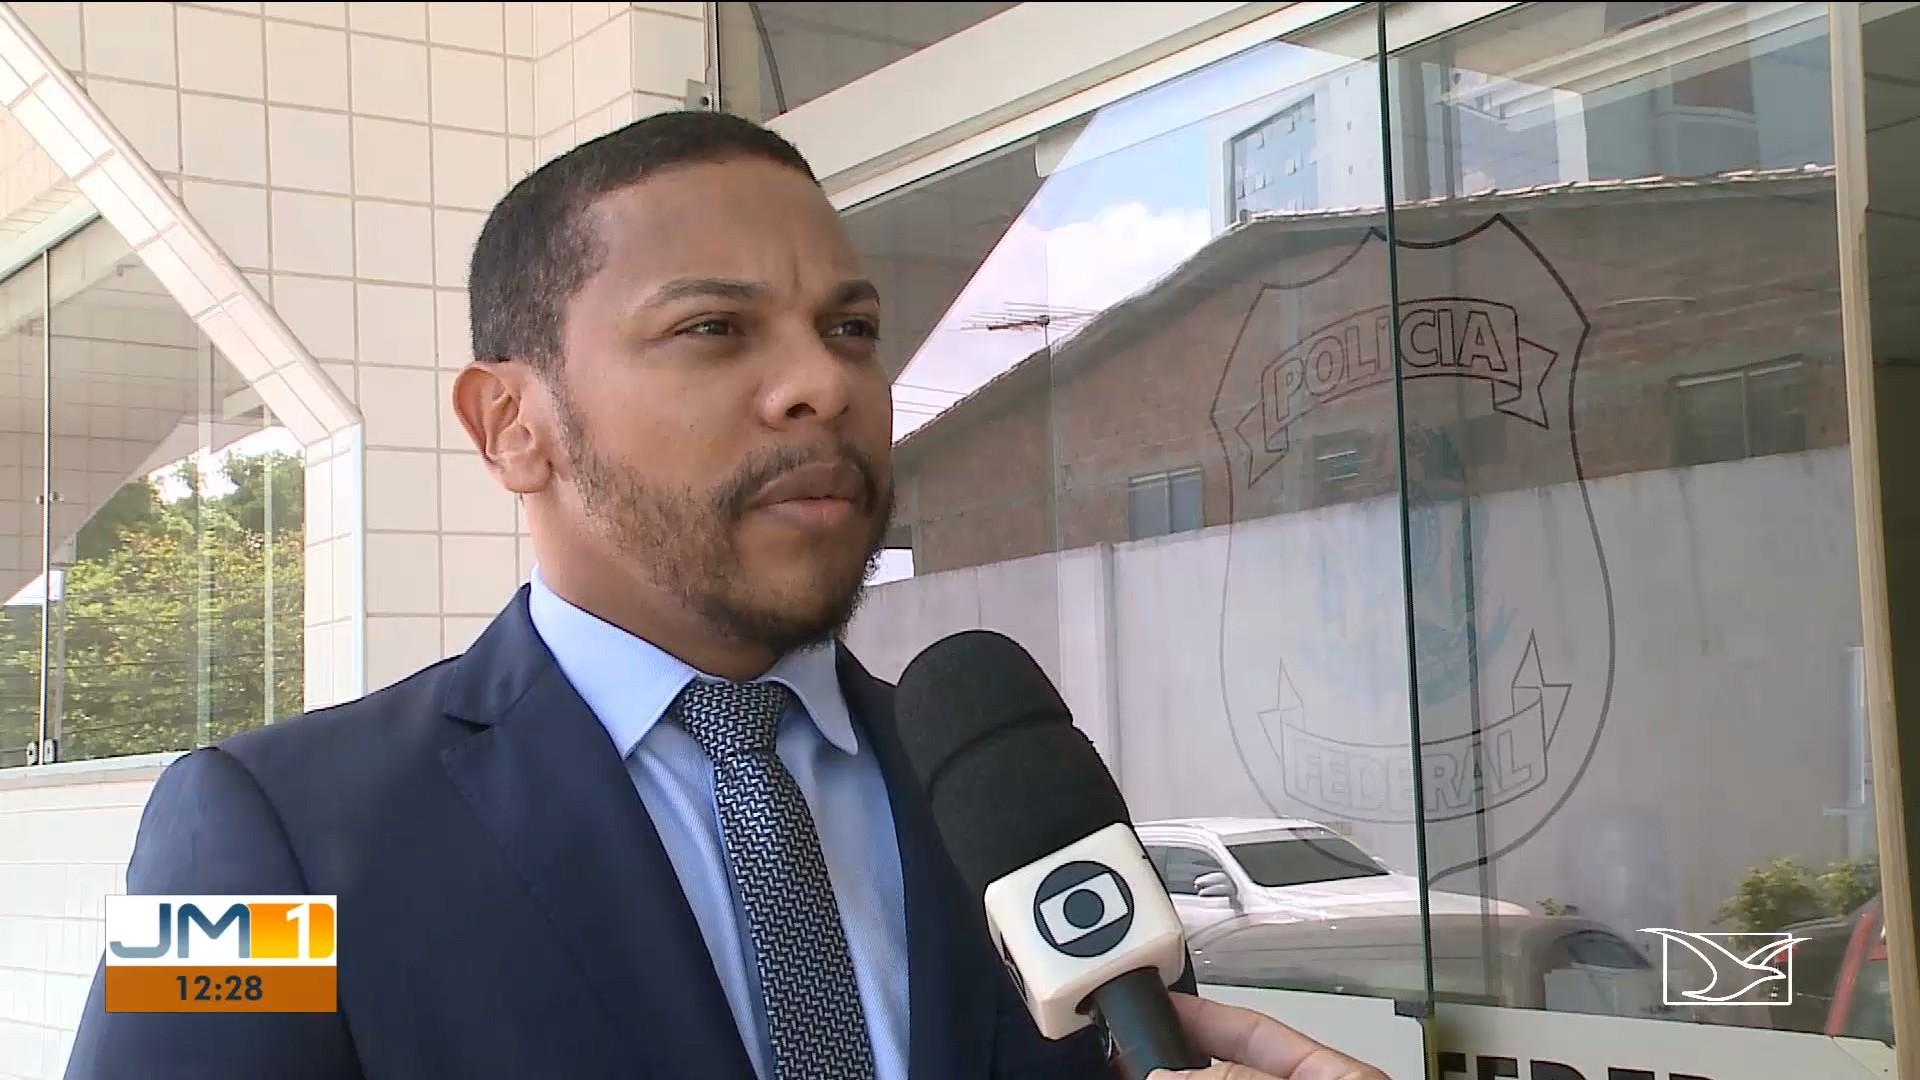 Bardal é ouvido por comissão que apura se Jefferson Portela ordenou investigações ilegais no MA